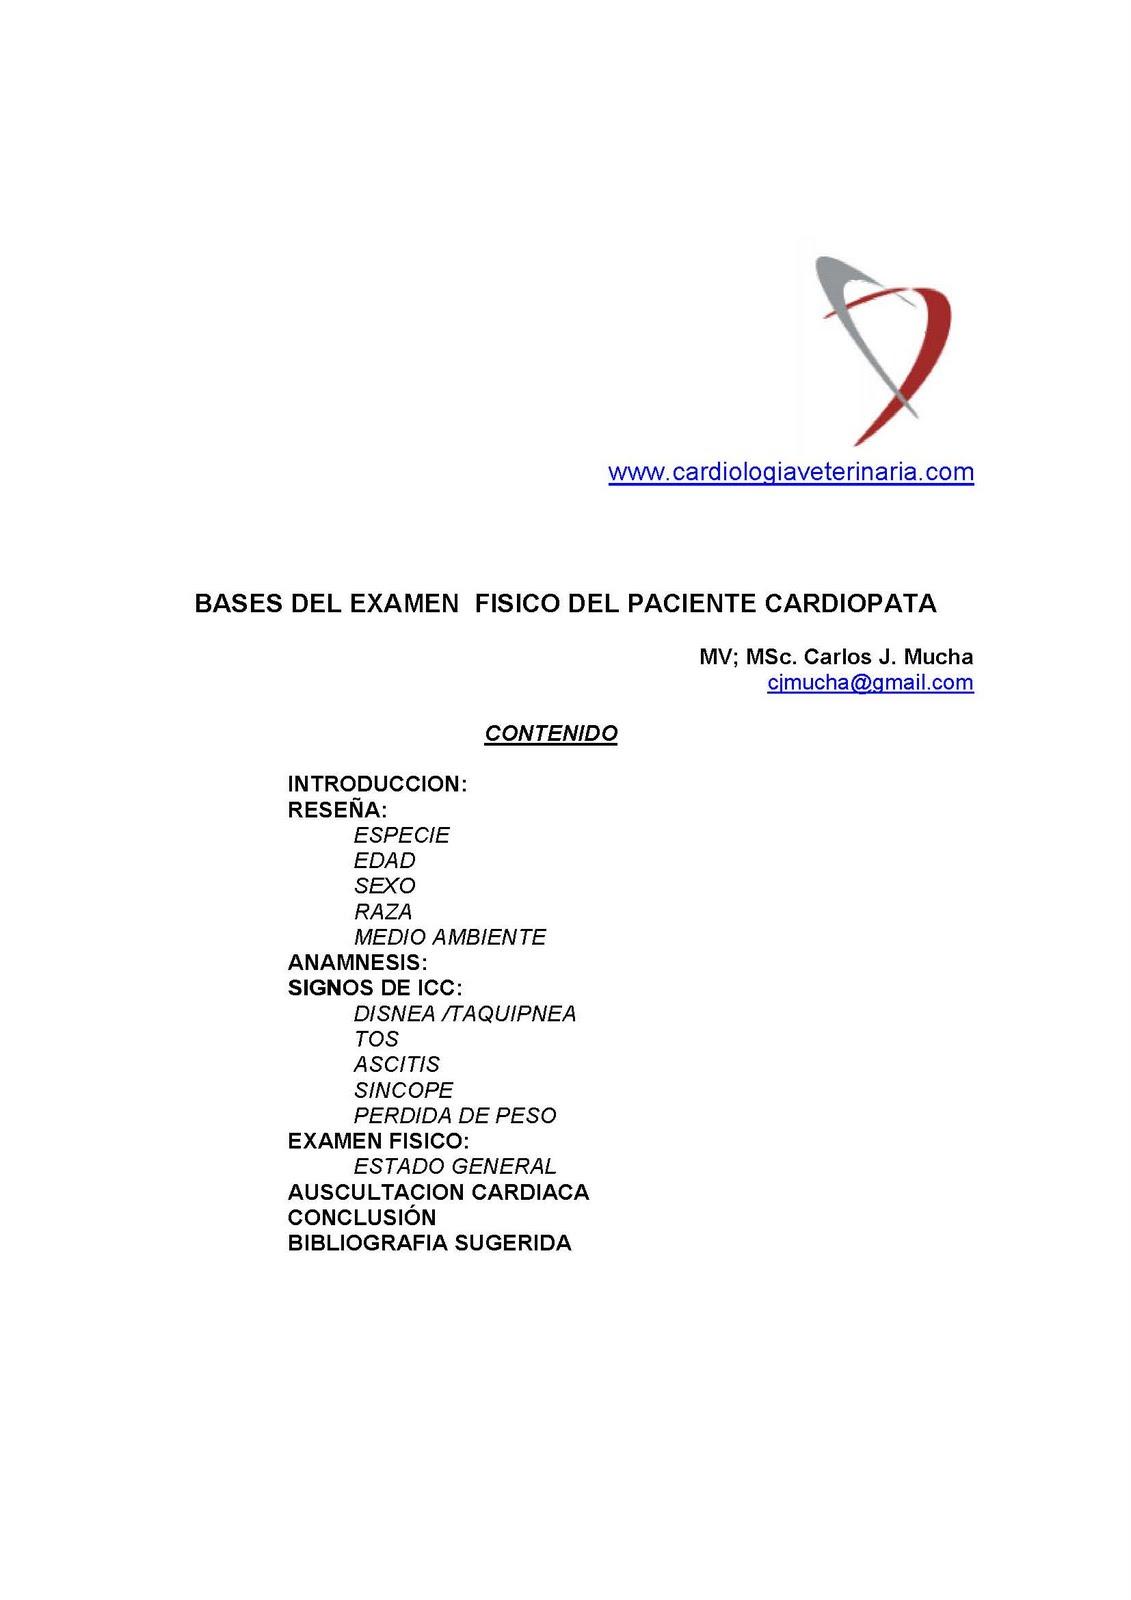 manual de cardiologia veterinaria pdf compressor  [ 1131 x 1600 Pixel ]